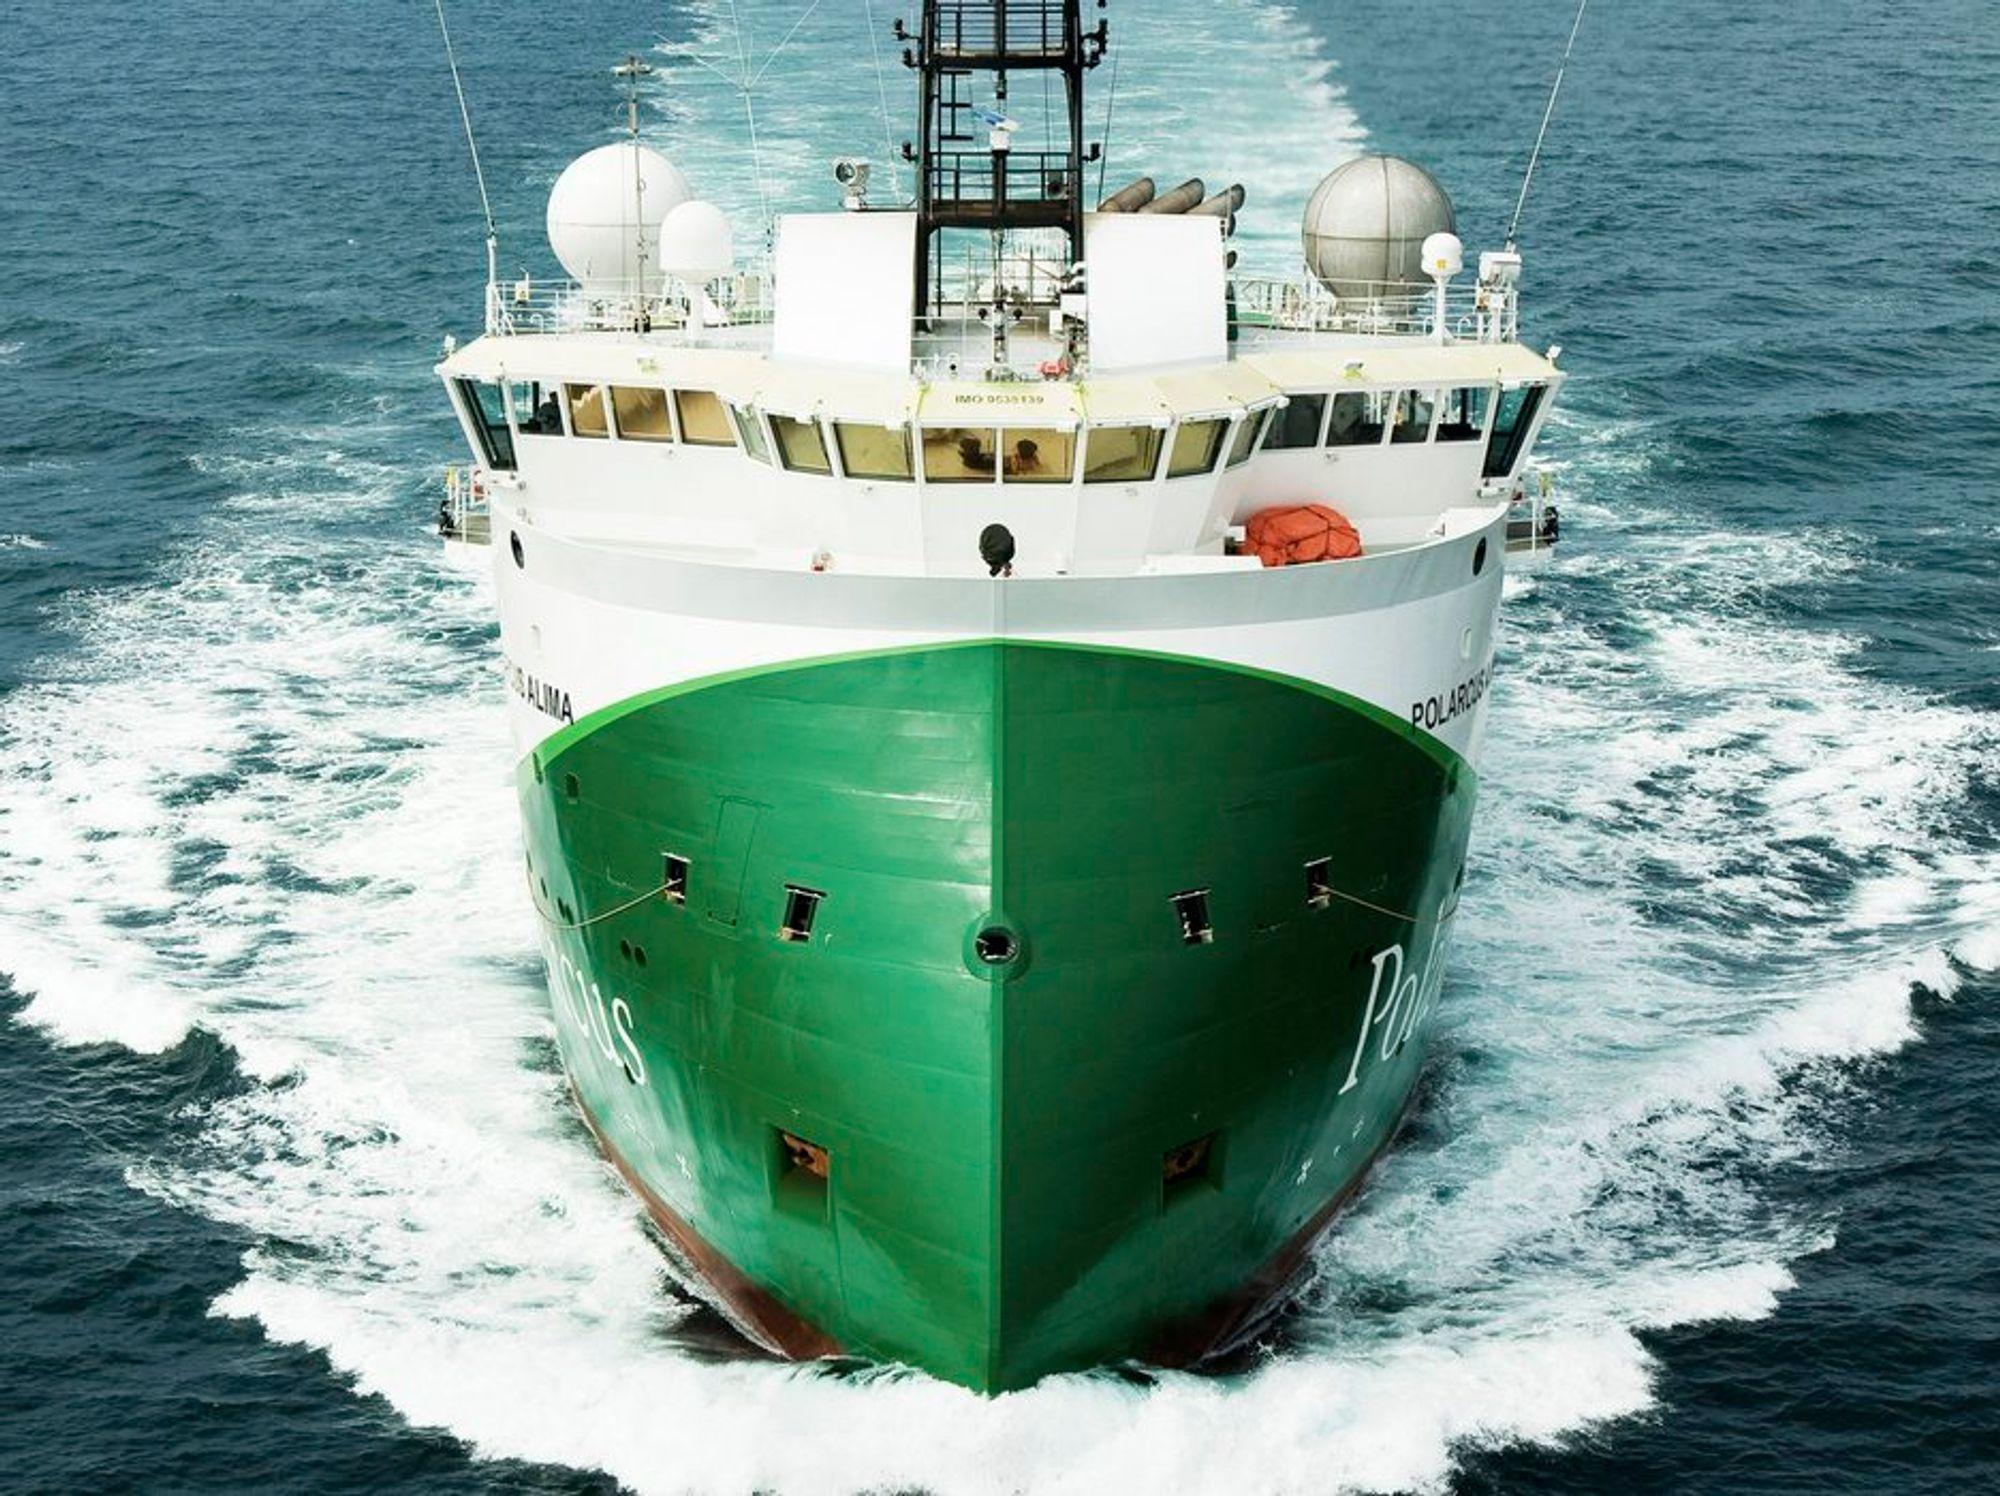 PÅ VEI: Polarcus Altima med X-bow er deisgnet av Ulstein. Skipet har en trekkraft (bollard pull) på 135 tonn og  kan taue 12 streamere.